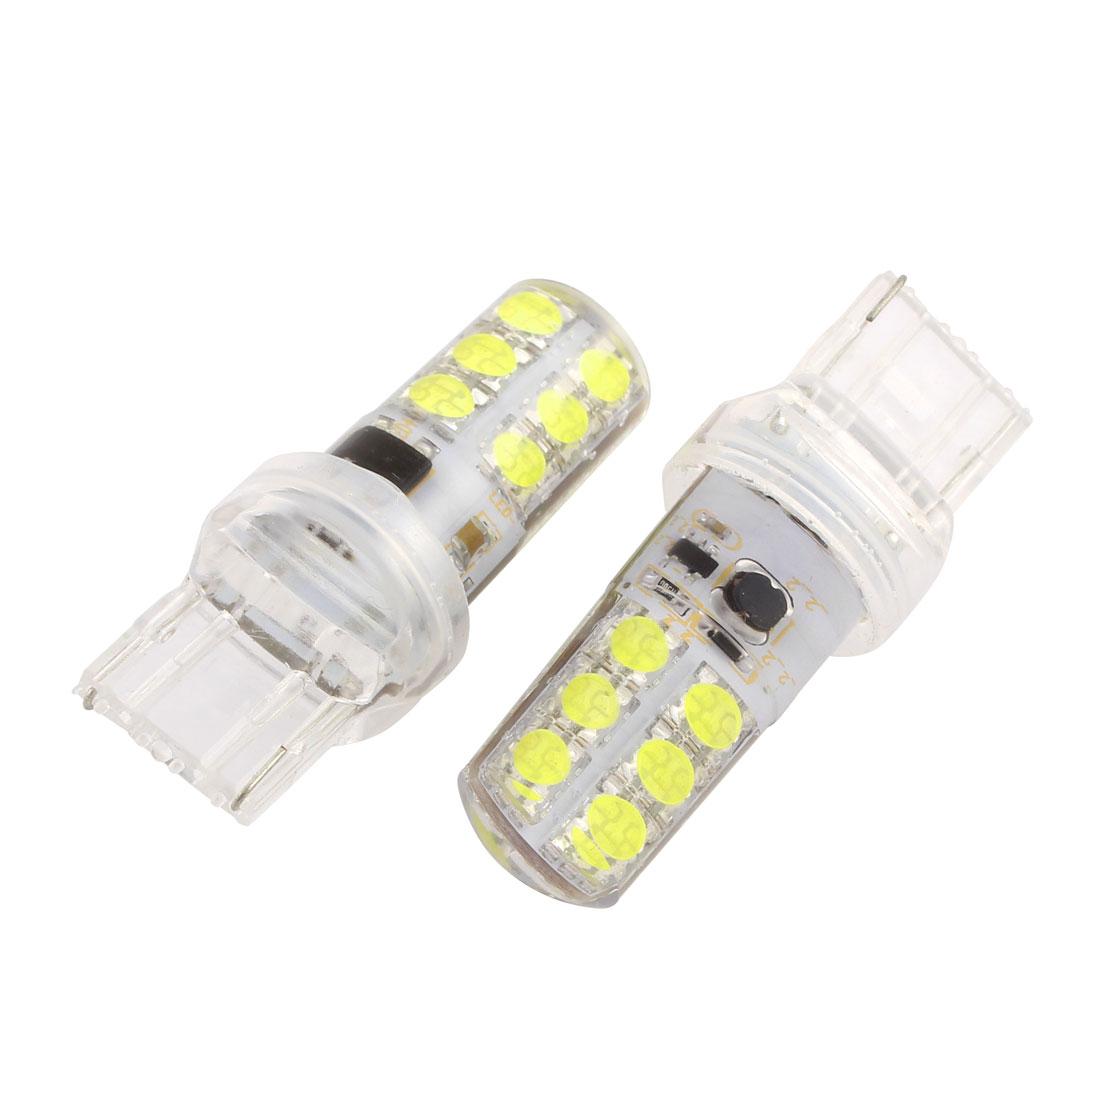 Pair Car T20 7440 12 LEDs White Turn Brake Stop Light Lamp Bulb internal